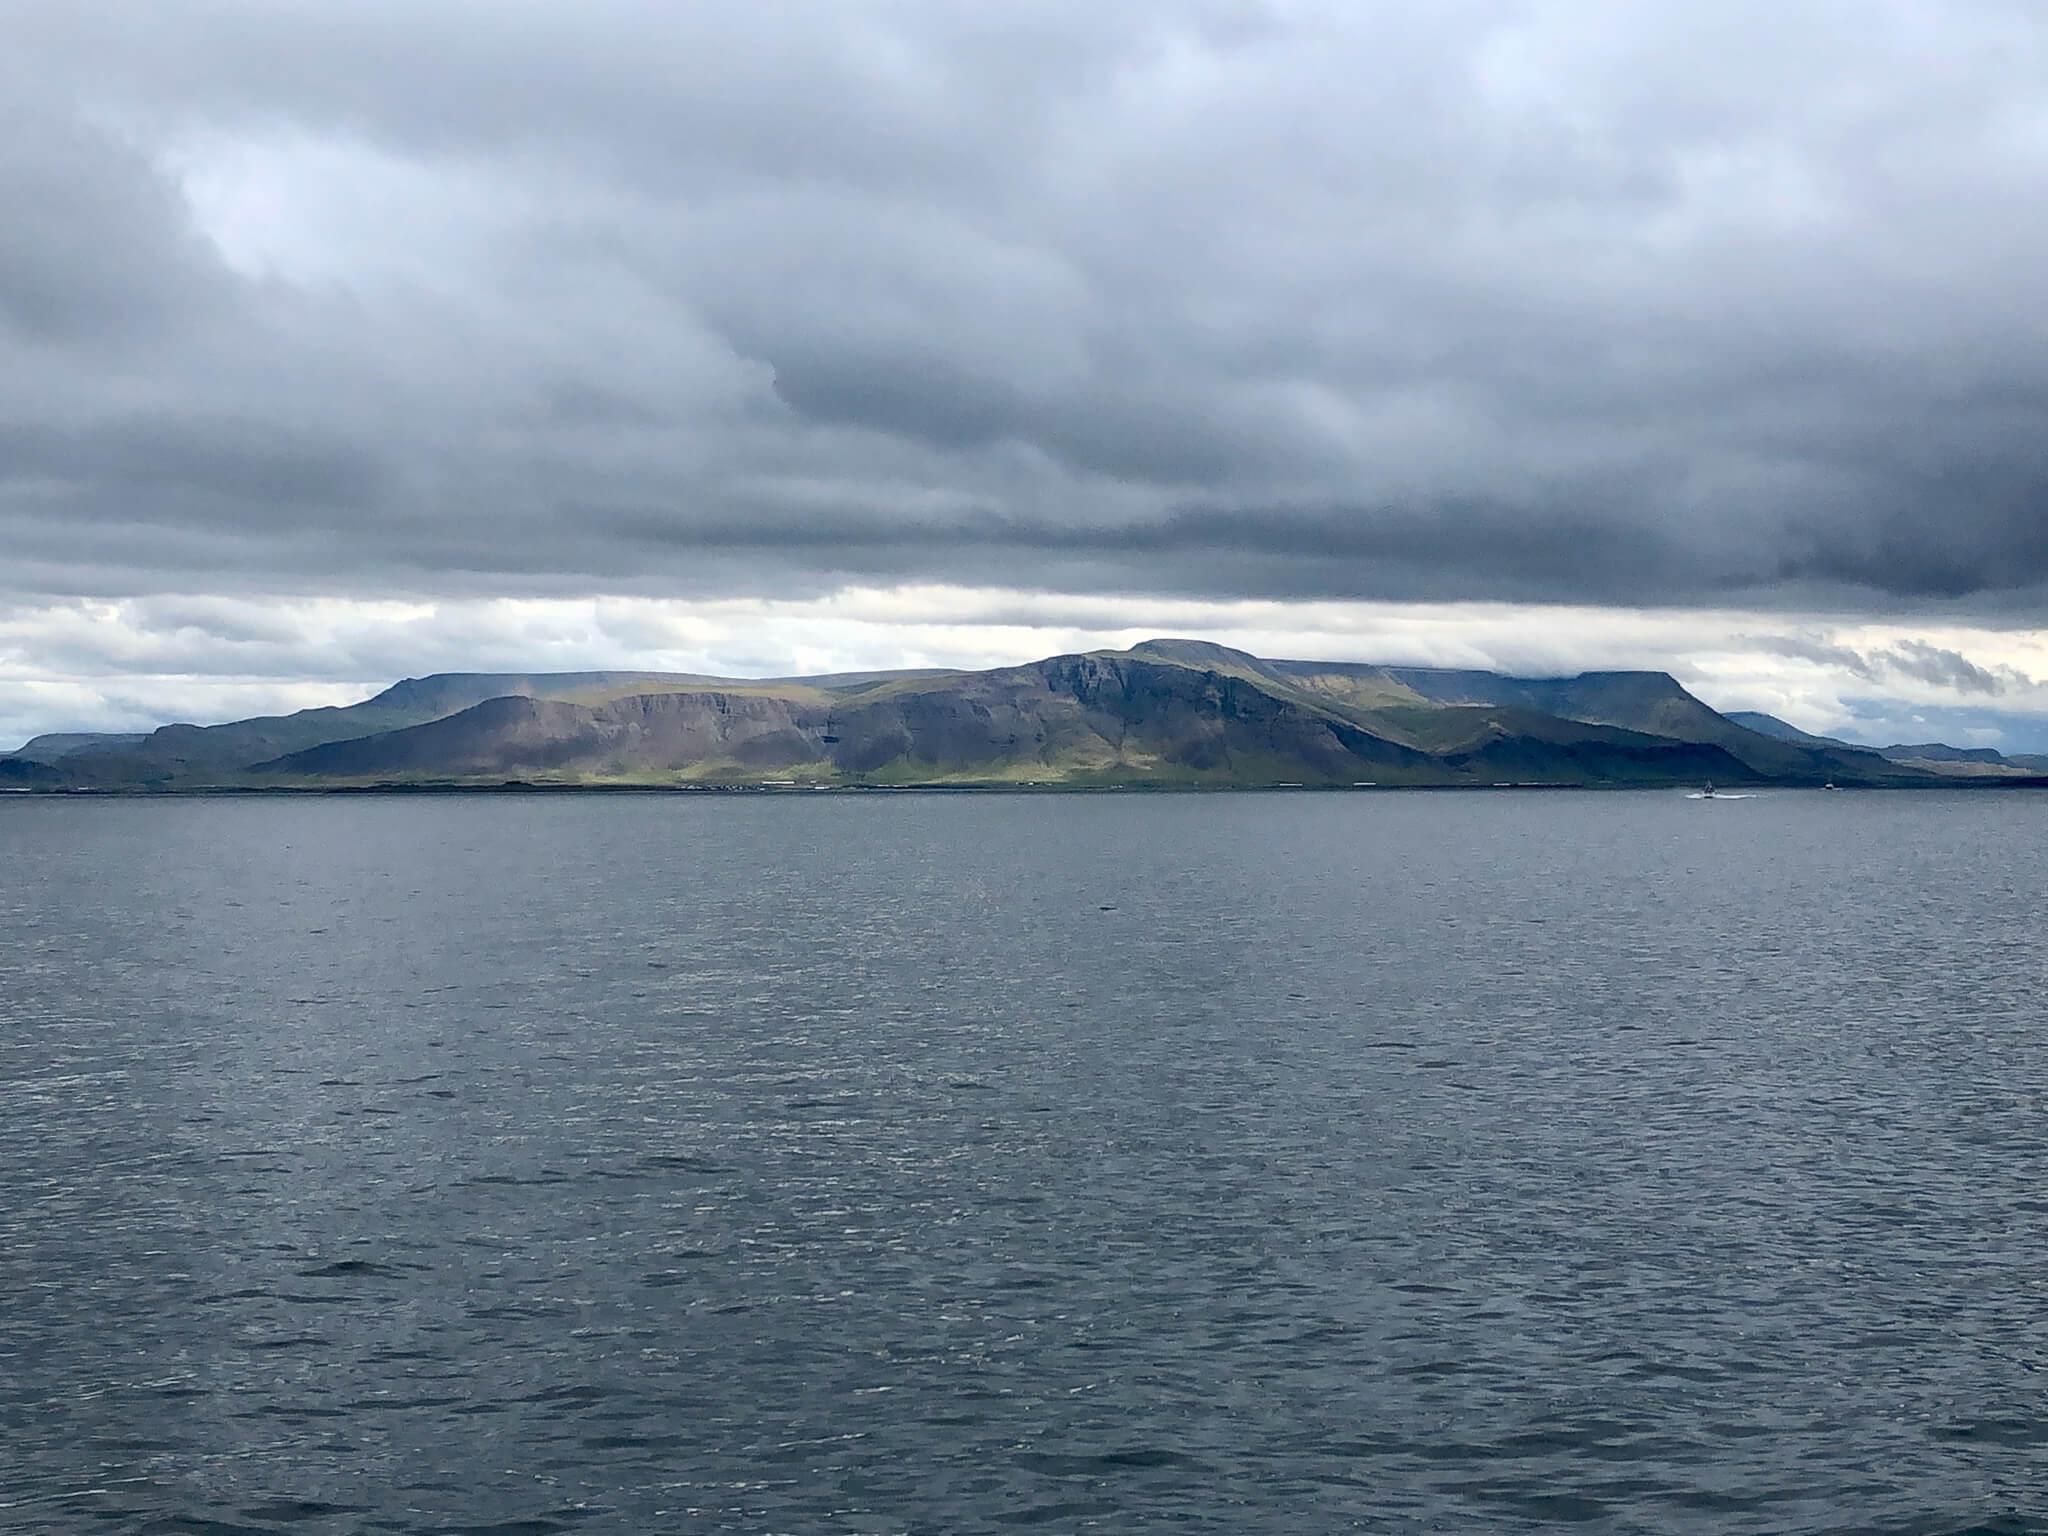 Islandia wyspa na oceanie